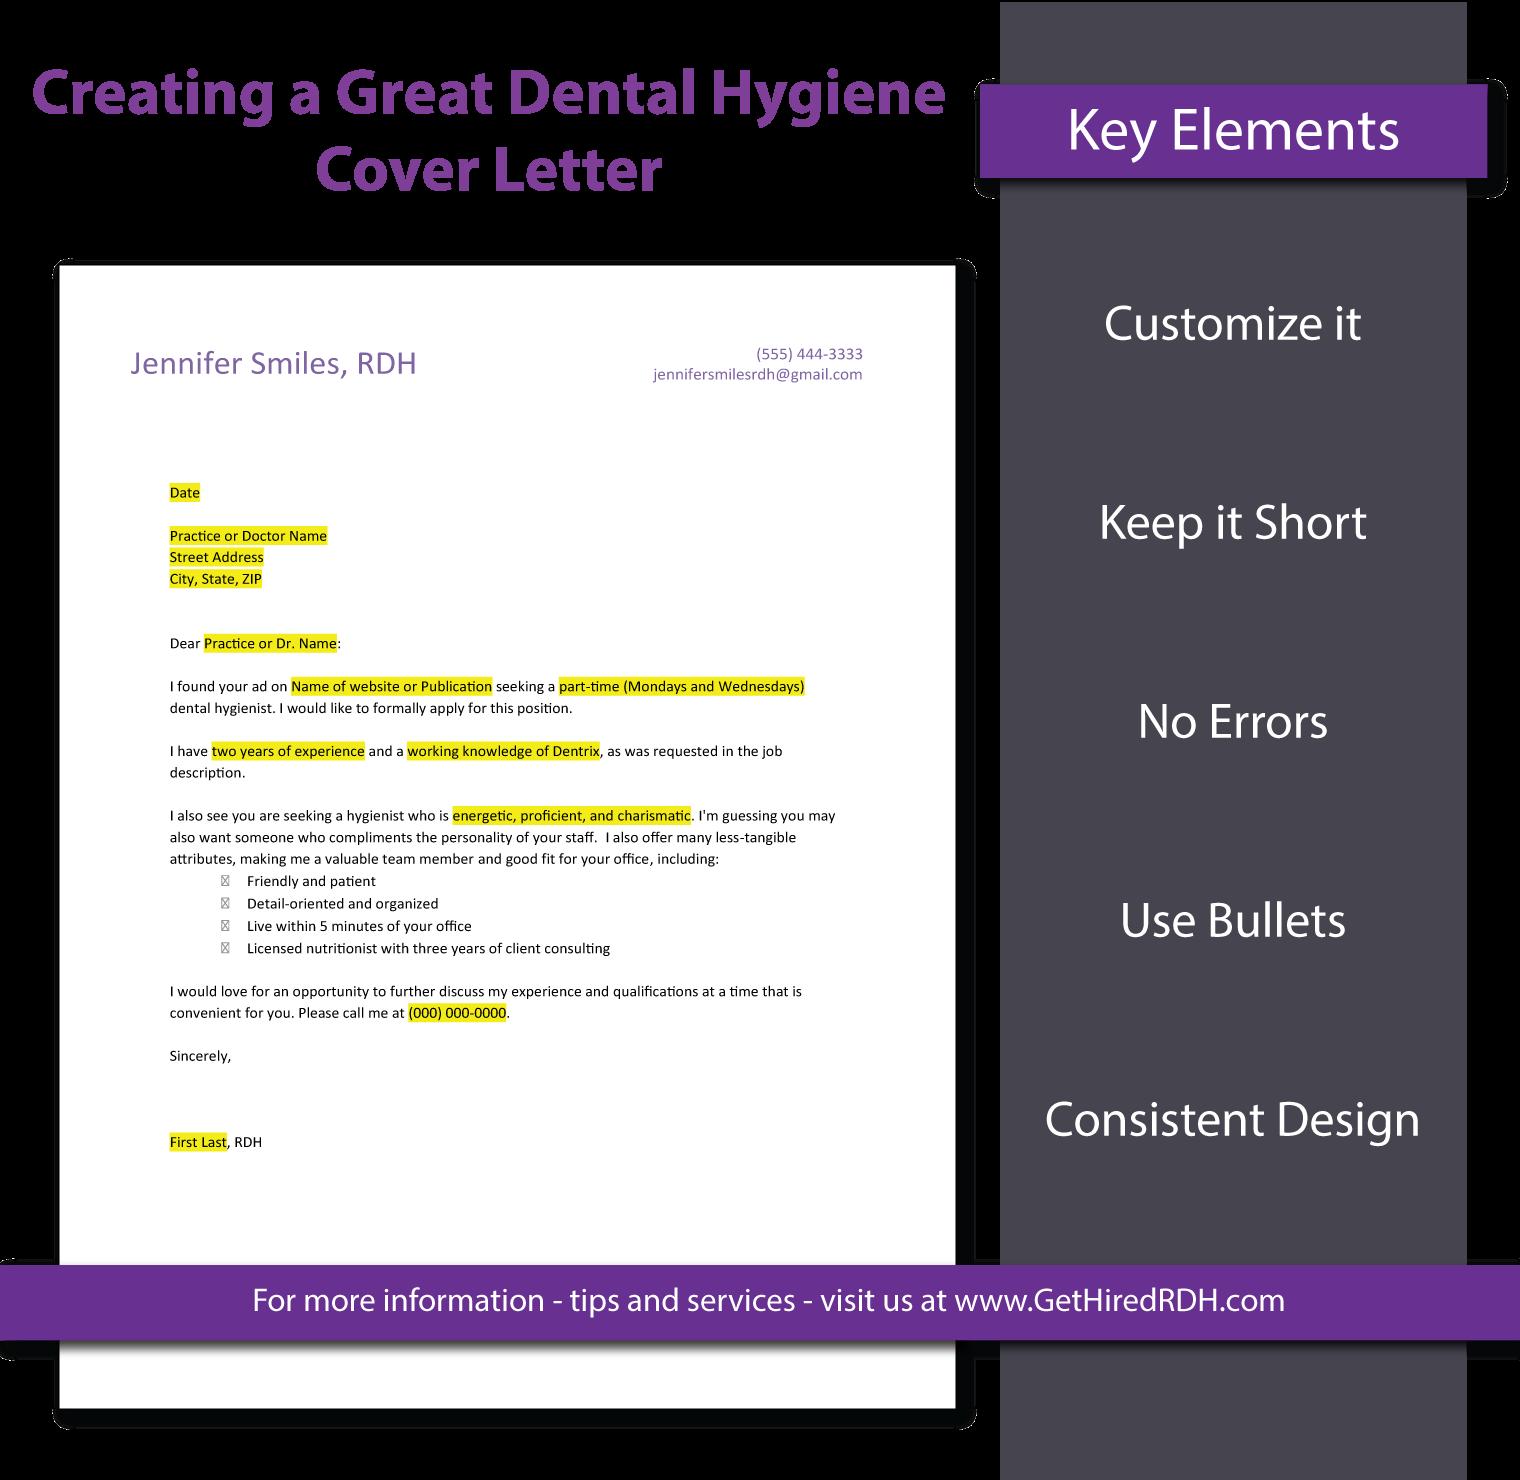 Dental Hygiene Cover Letter Template | Dental hygienist | Pinterest